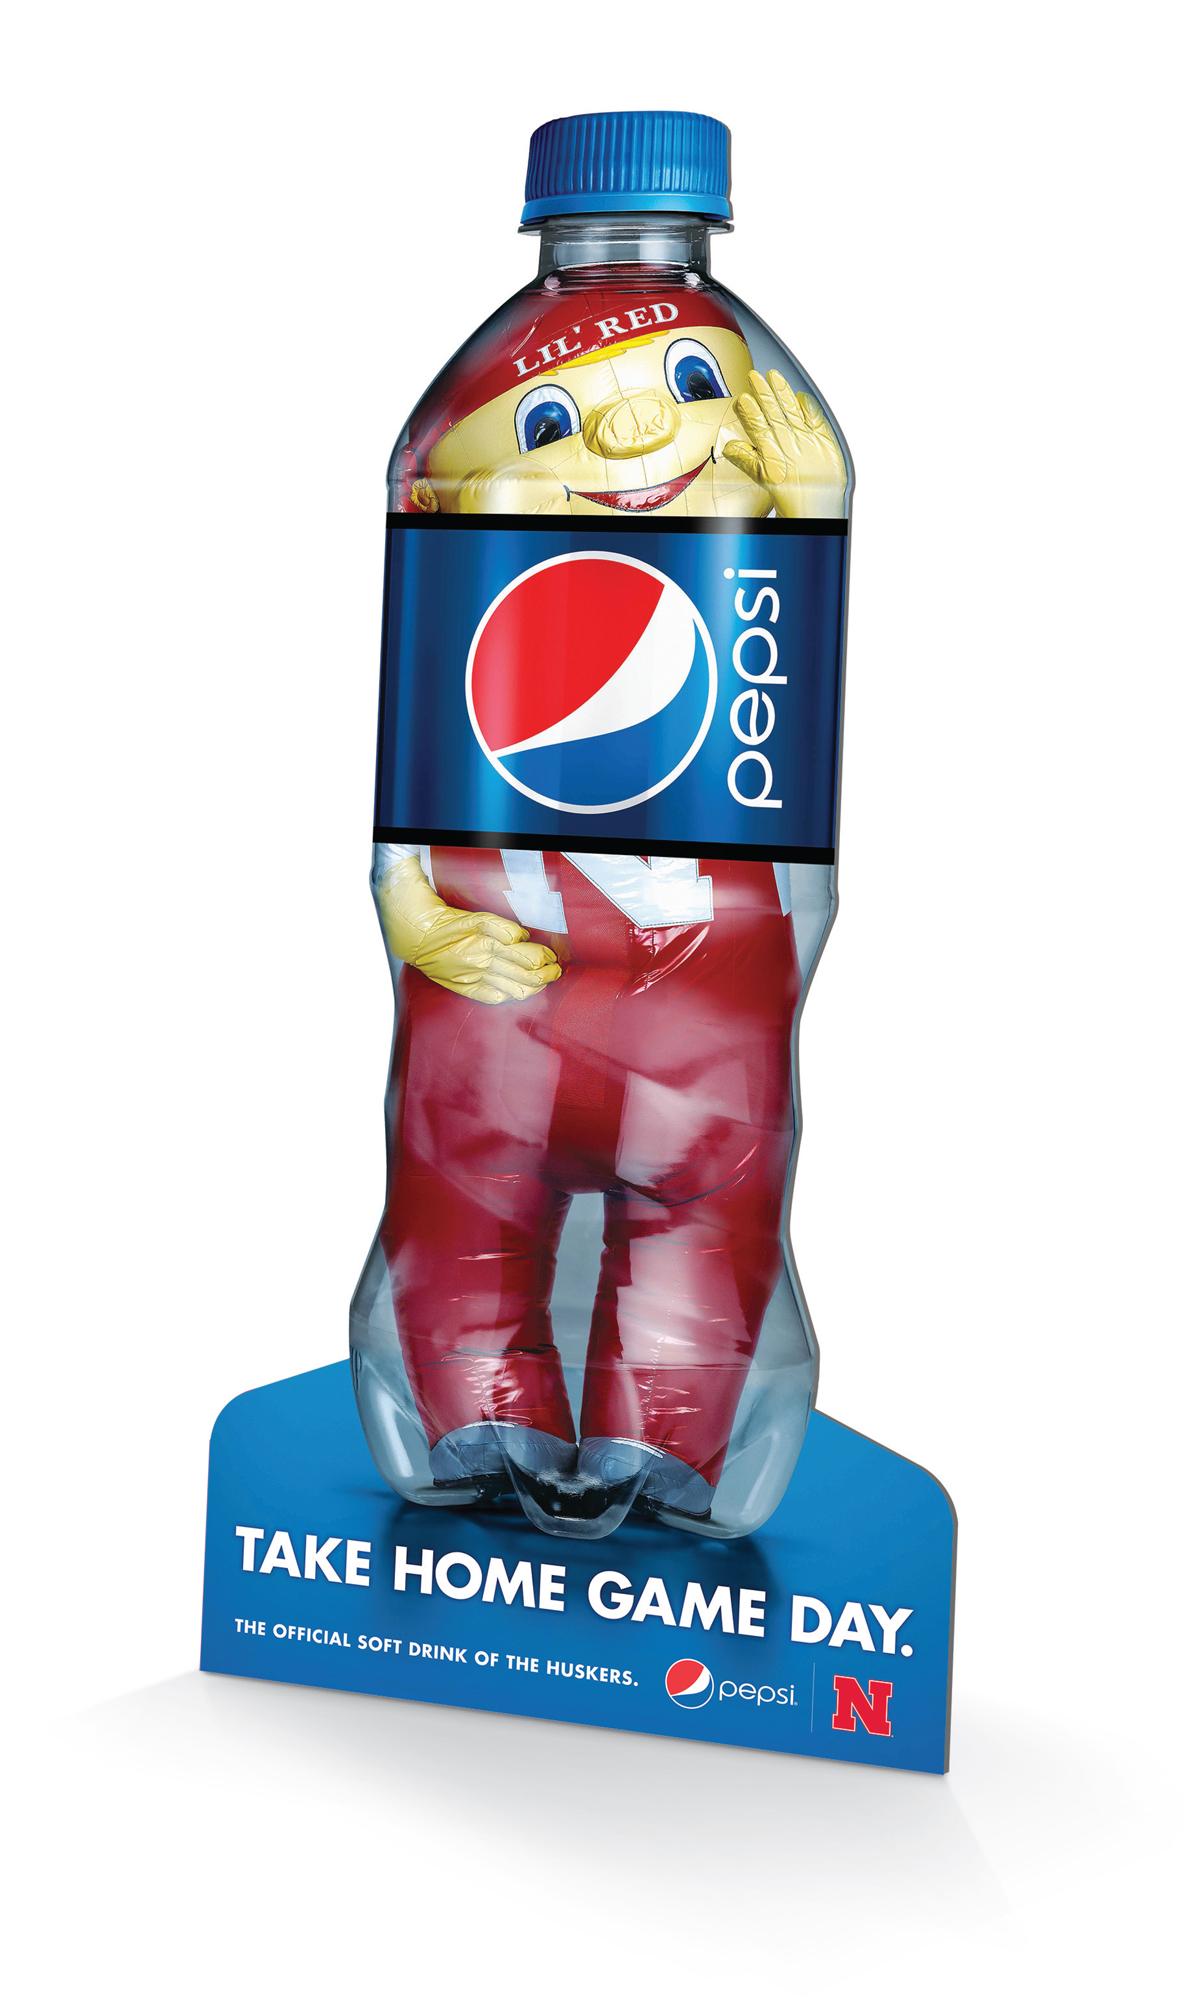 Pepsi_TakeHomeGameDay_Display.jpg